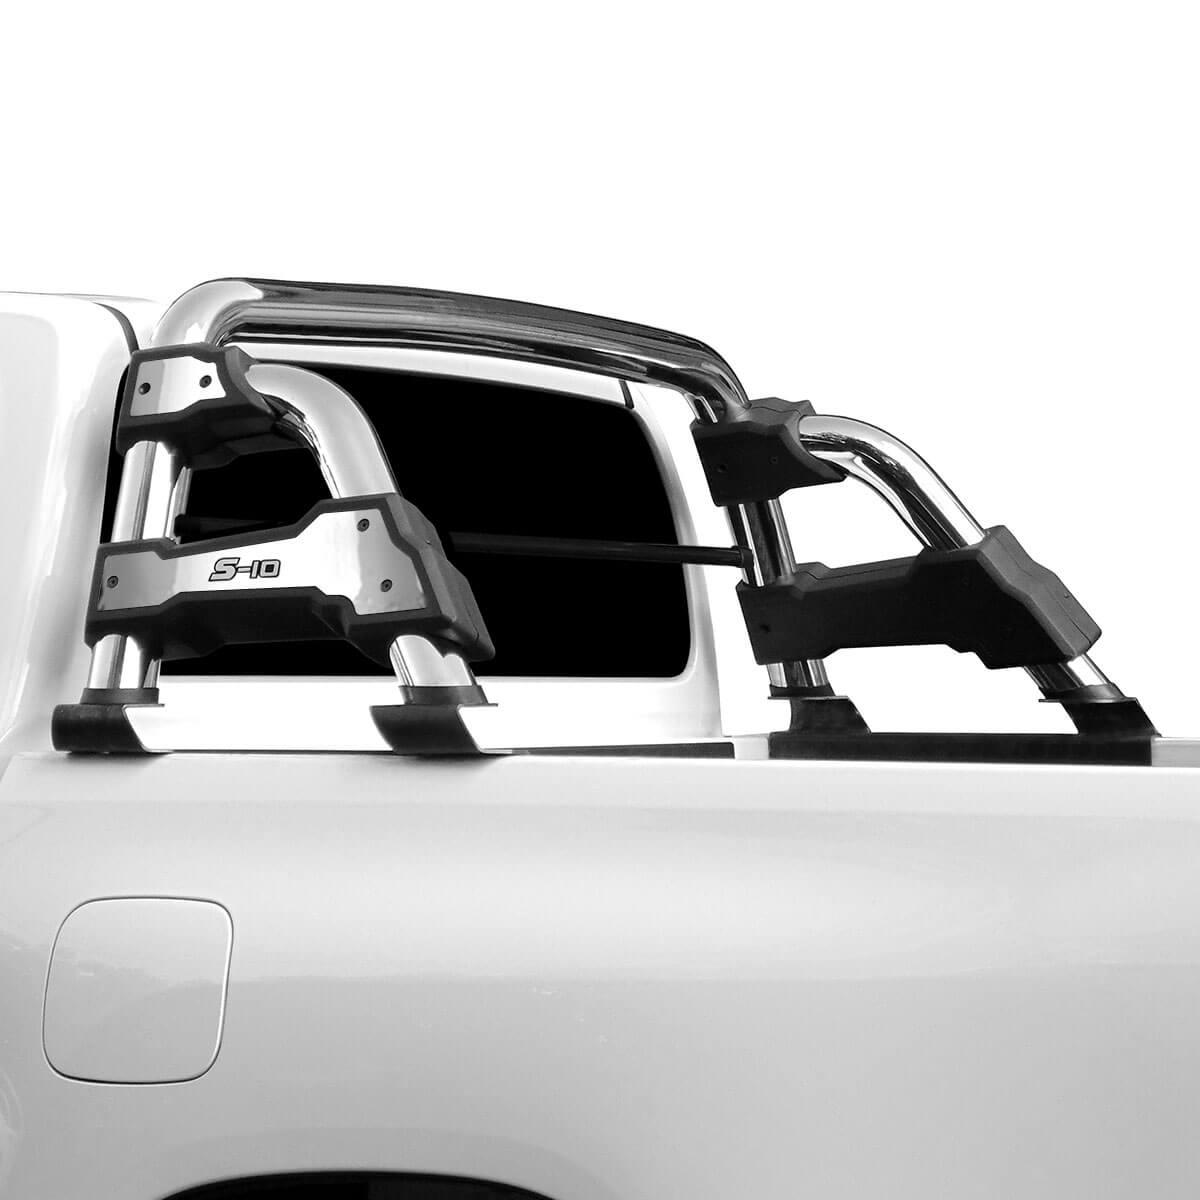 Santo antonio STR cromado Nova S10 cabine dupla 2012 a 2018 com barra